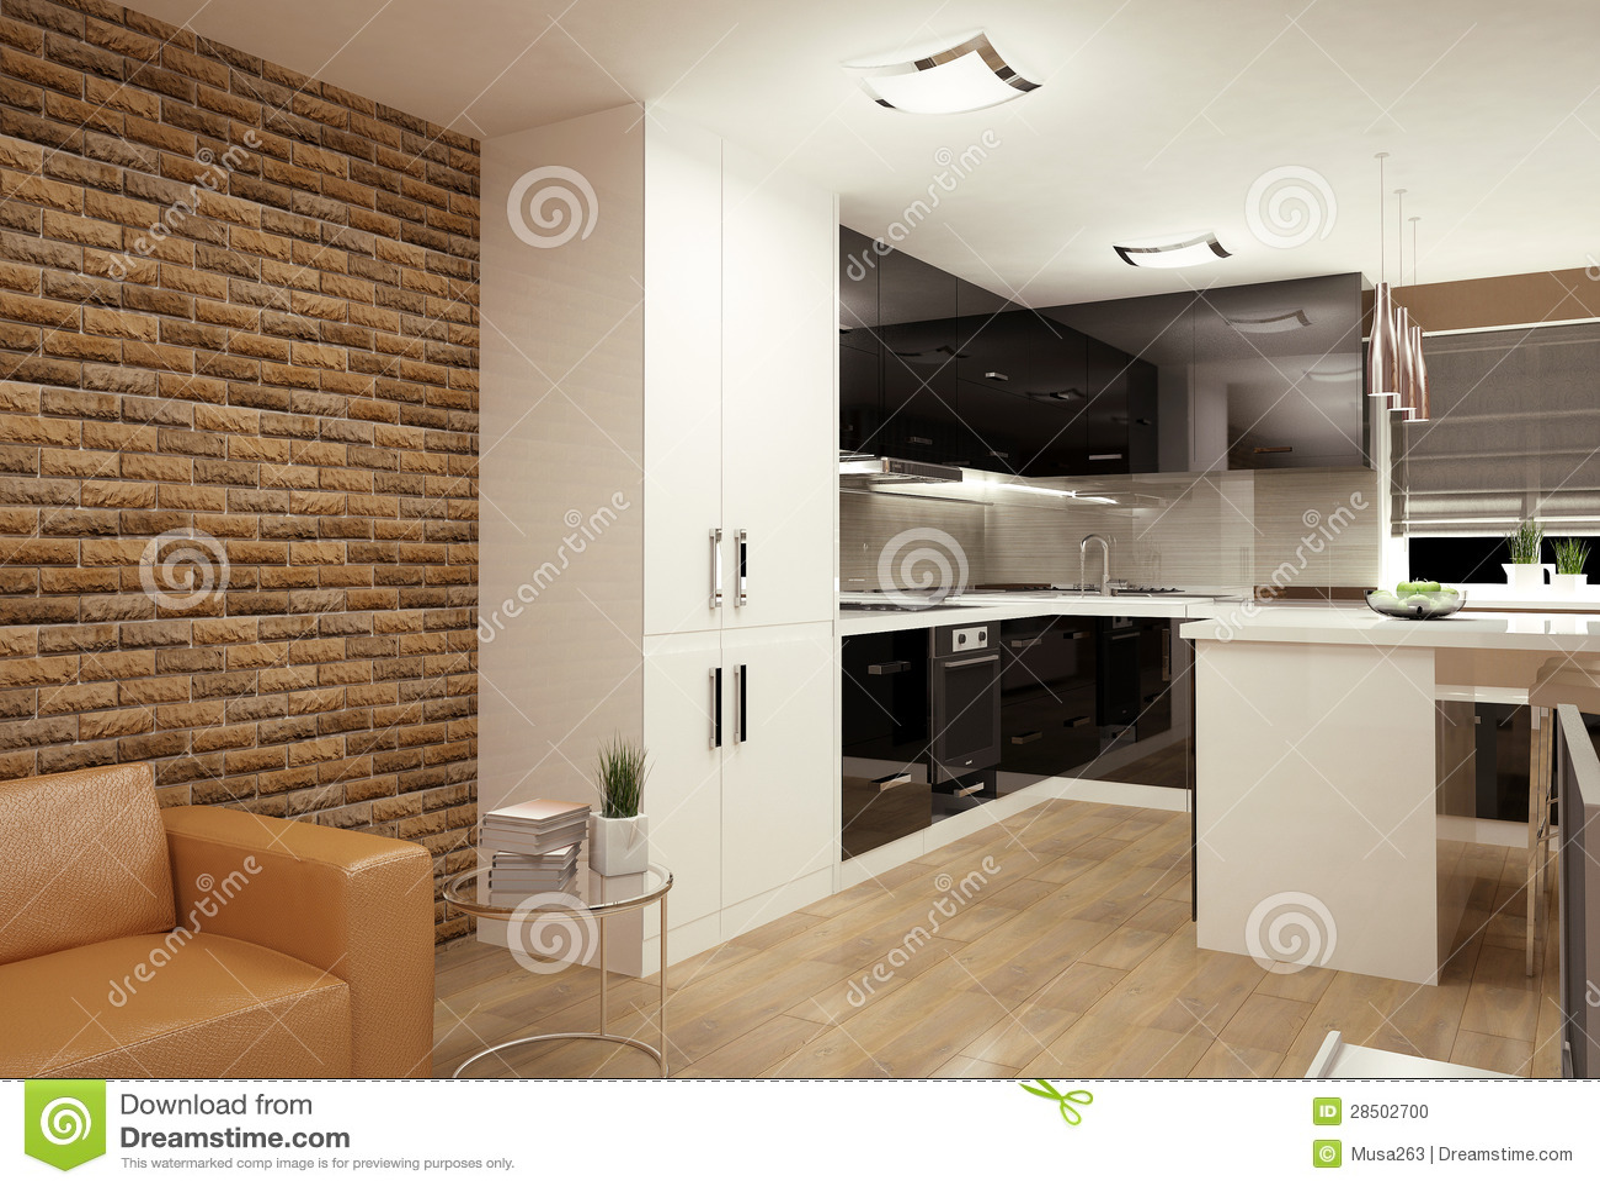 wohnzimmer mit kochnische stockfoto bild 28502700. Black Bedroom Furniture Sets. Home Design Ideas